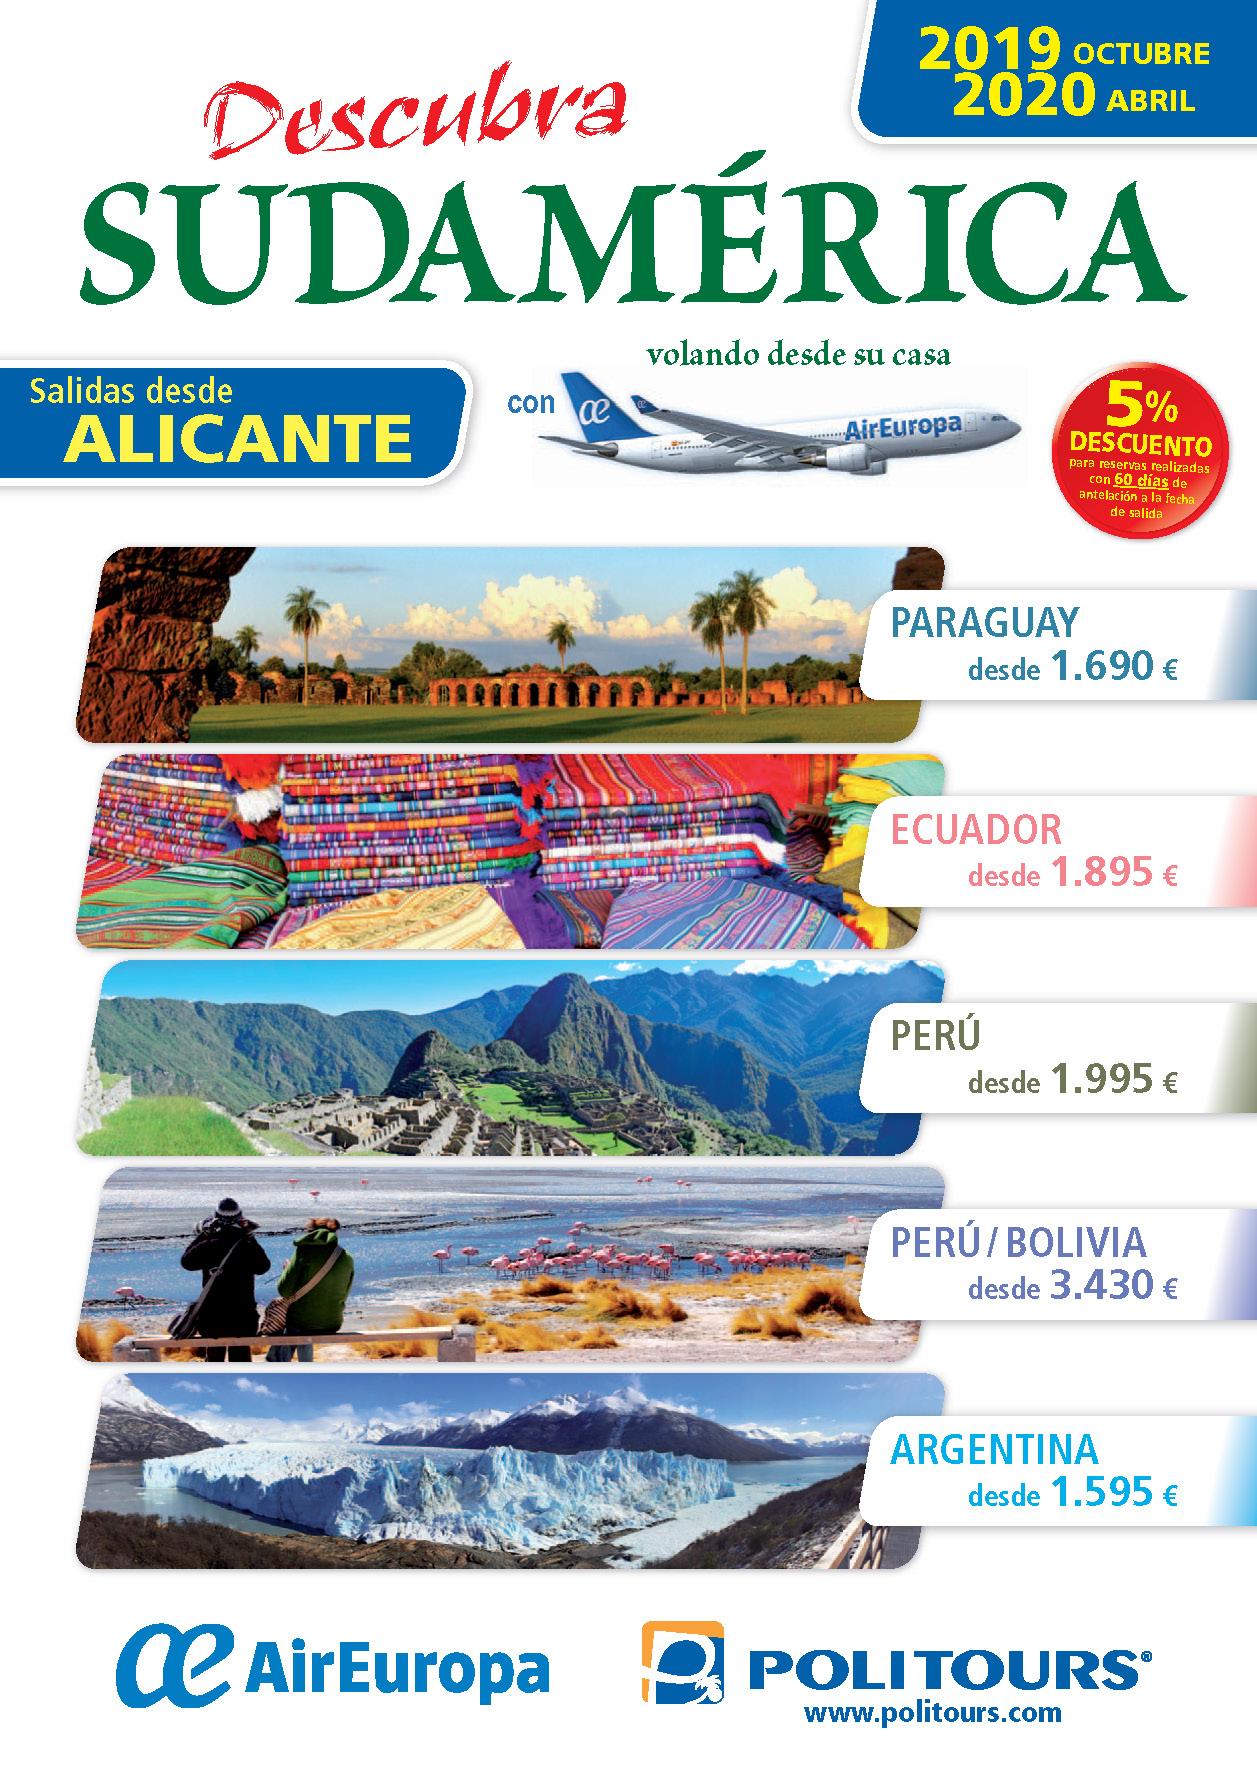 Catalogo Politours Sudamerica desde Alicante 2019-2020